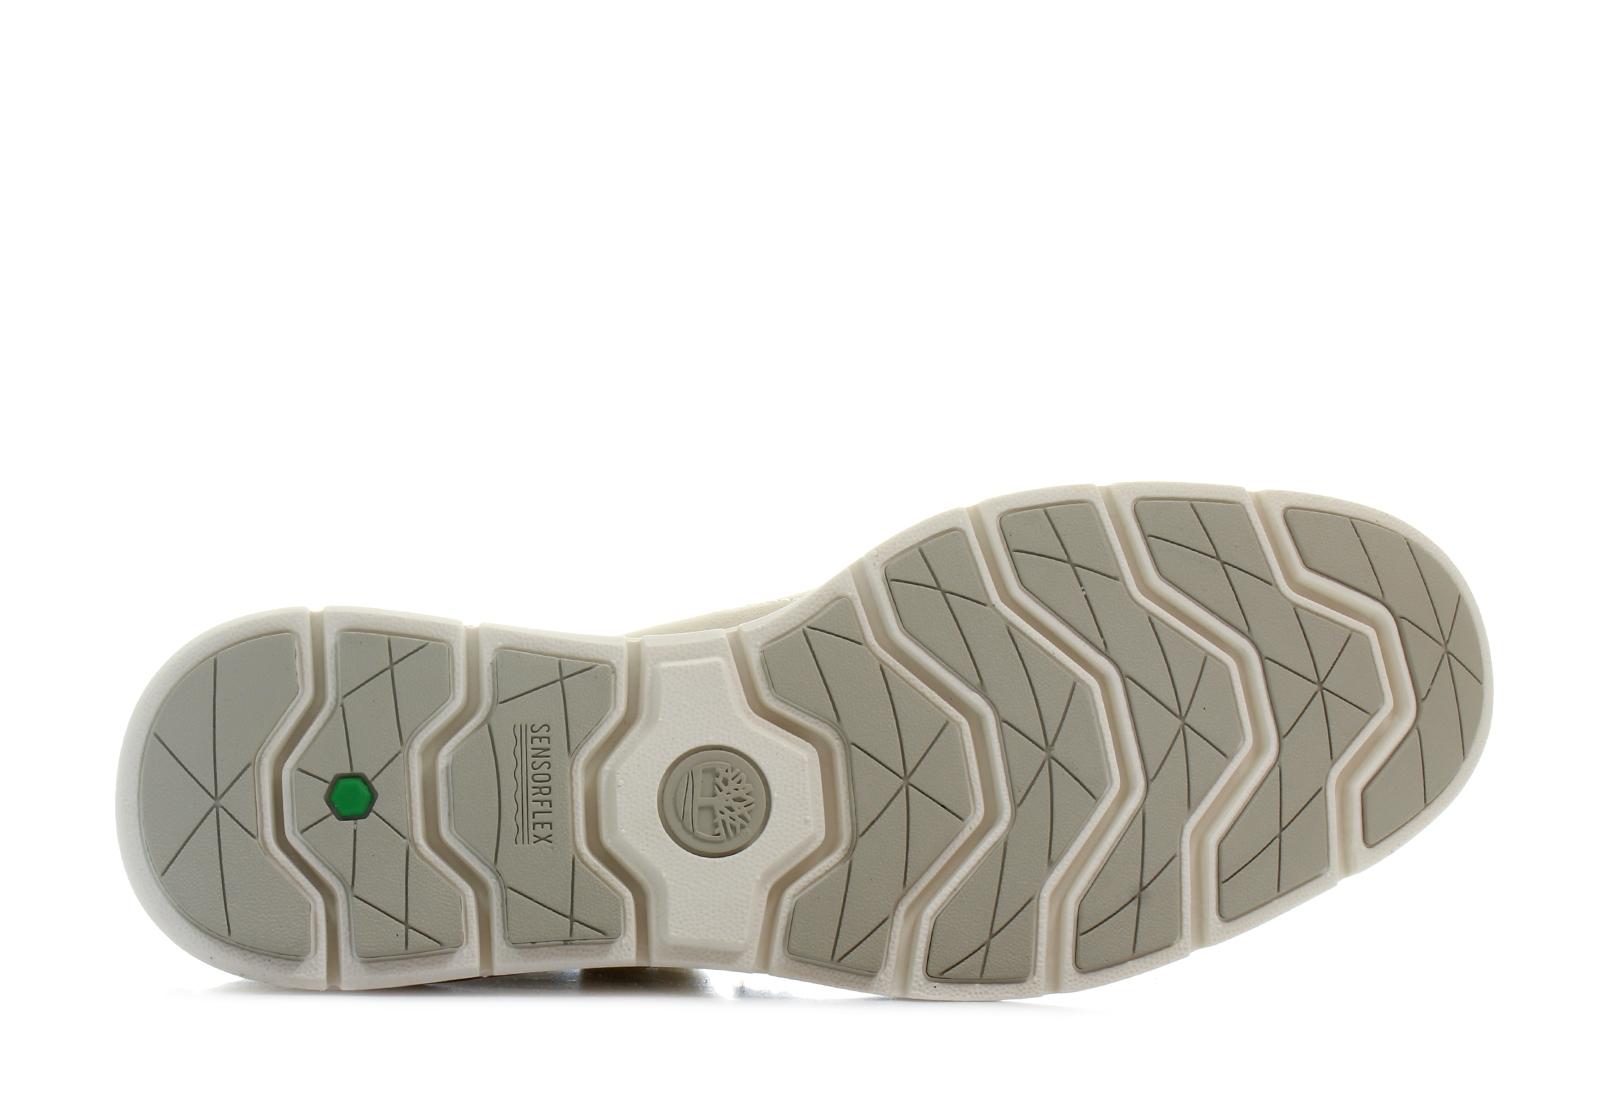 3ba90238facb Timberland Boots - Killington Chukka - A1JEB-wht - Online shop for ...